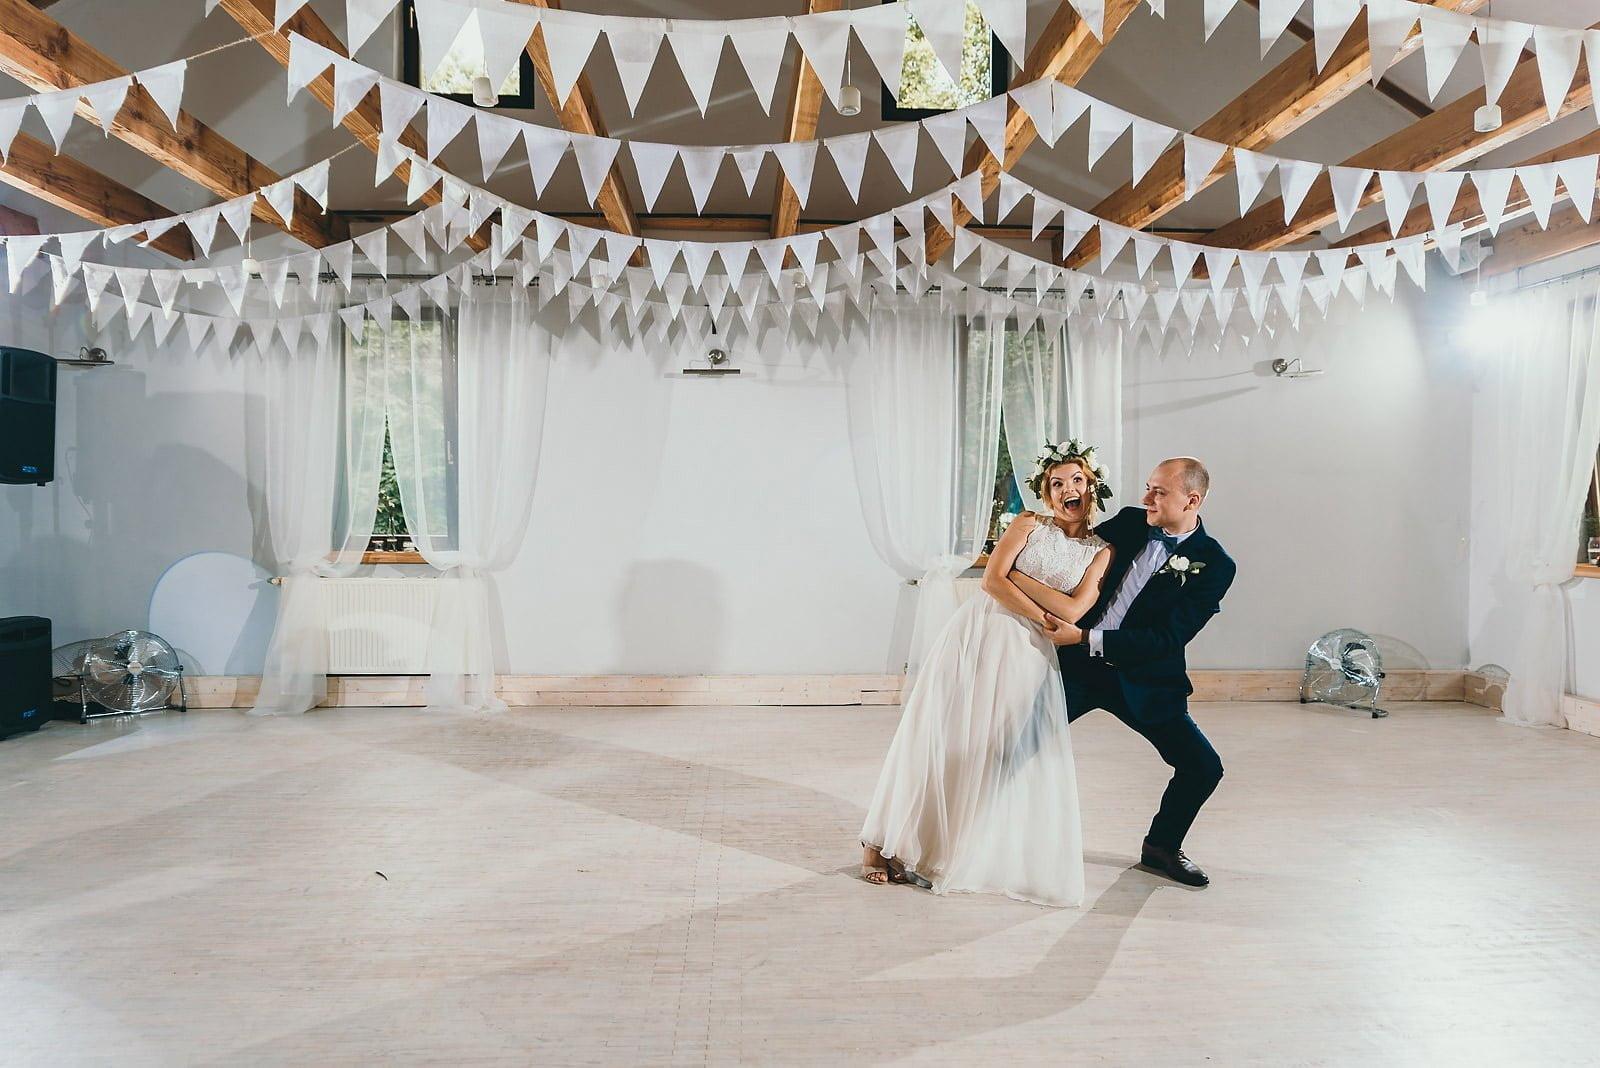 Justyna i Szymon - plenerowy ślub w stylu boho 66